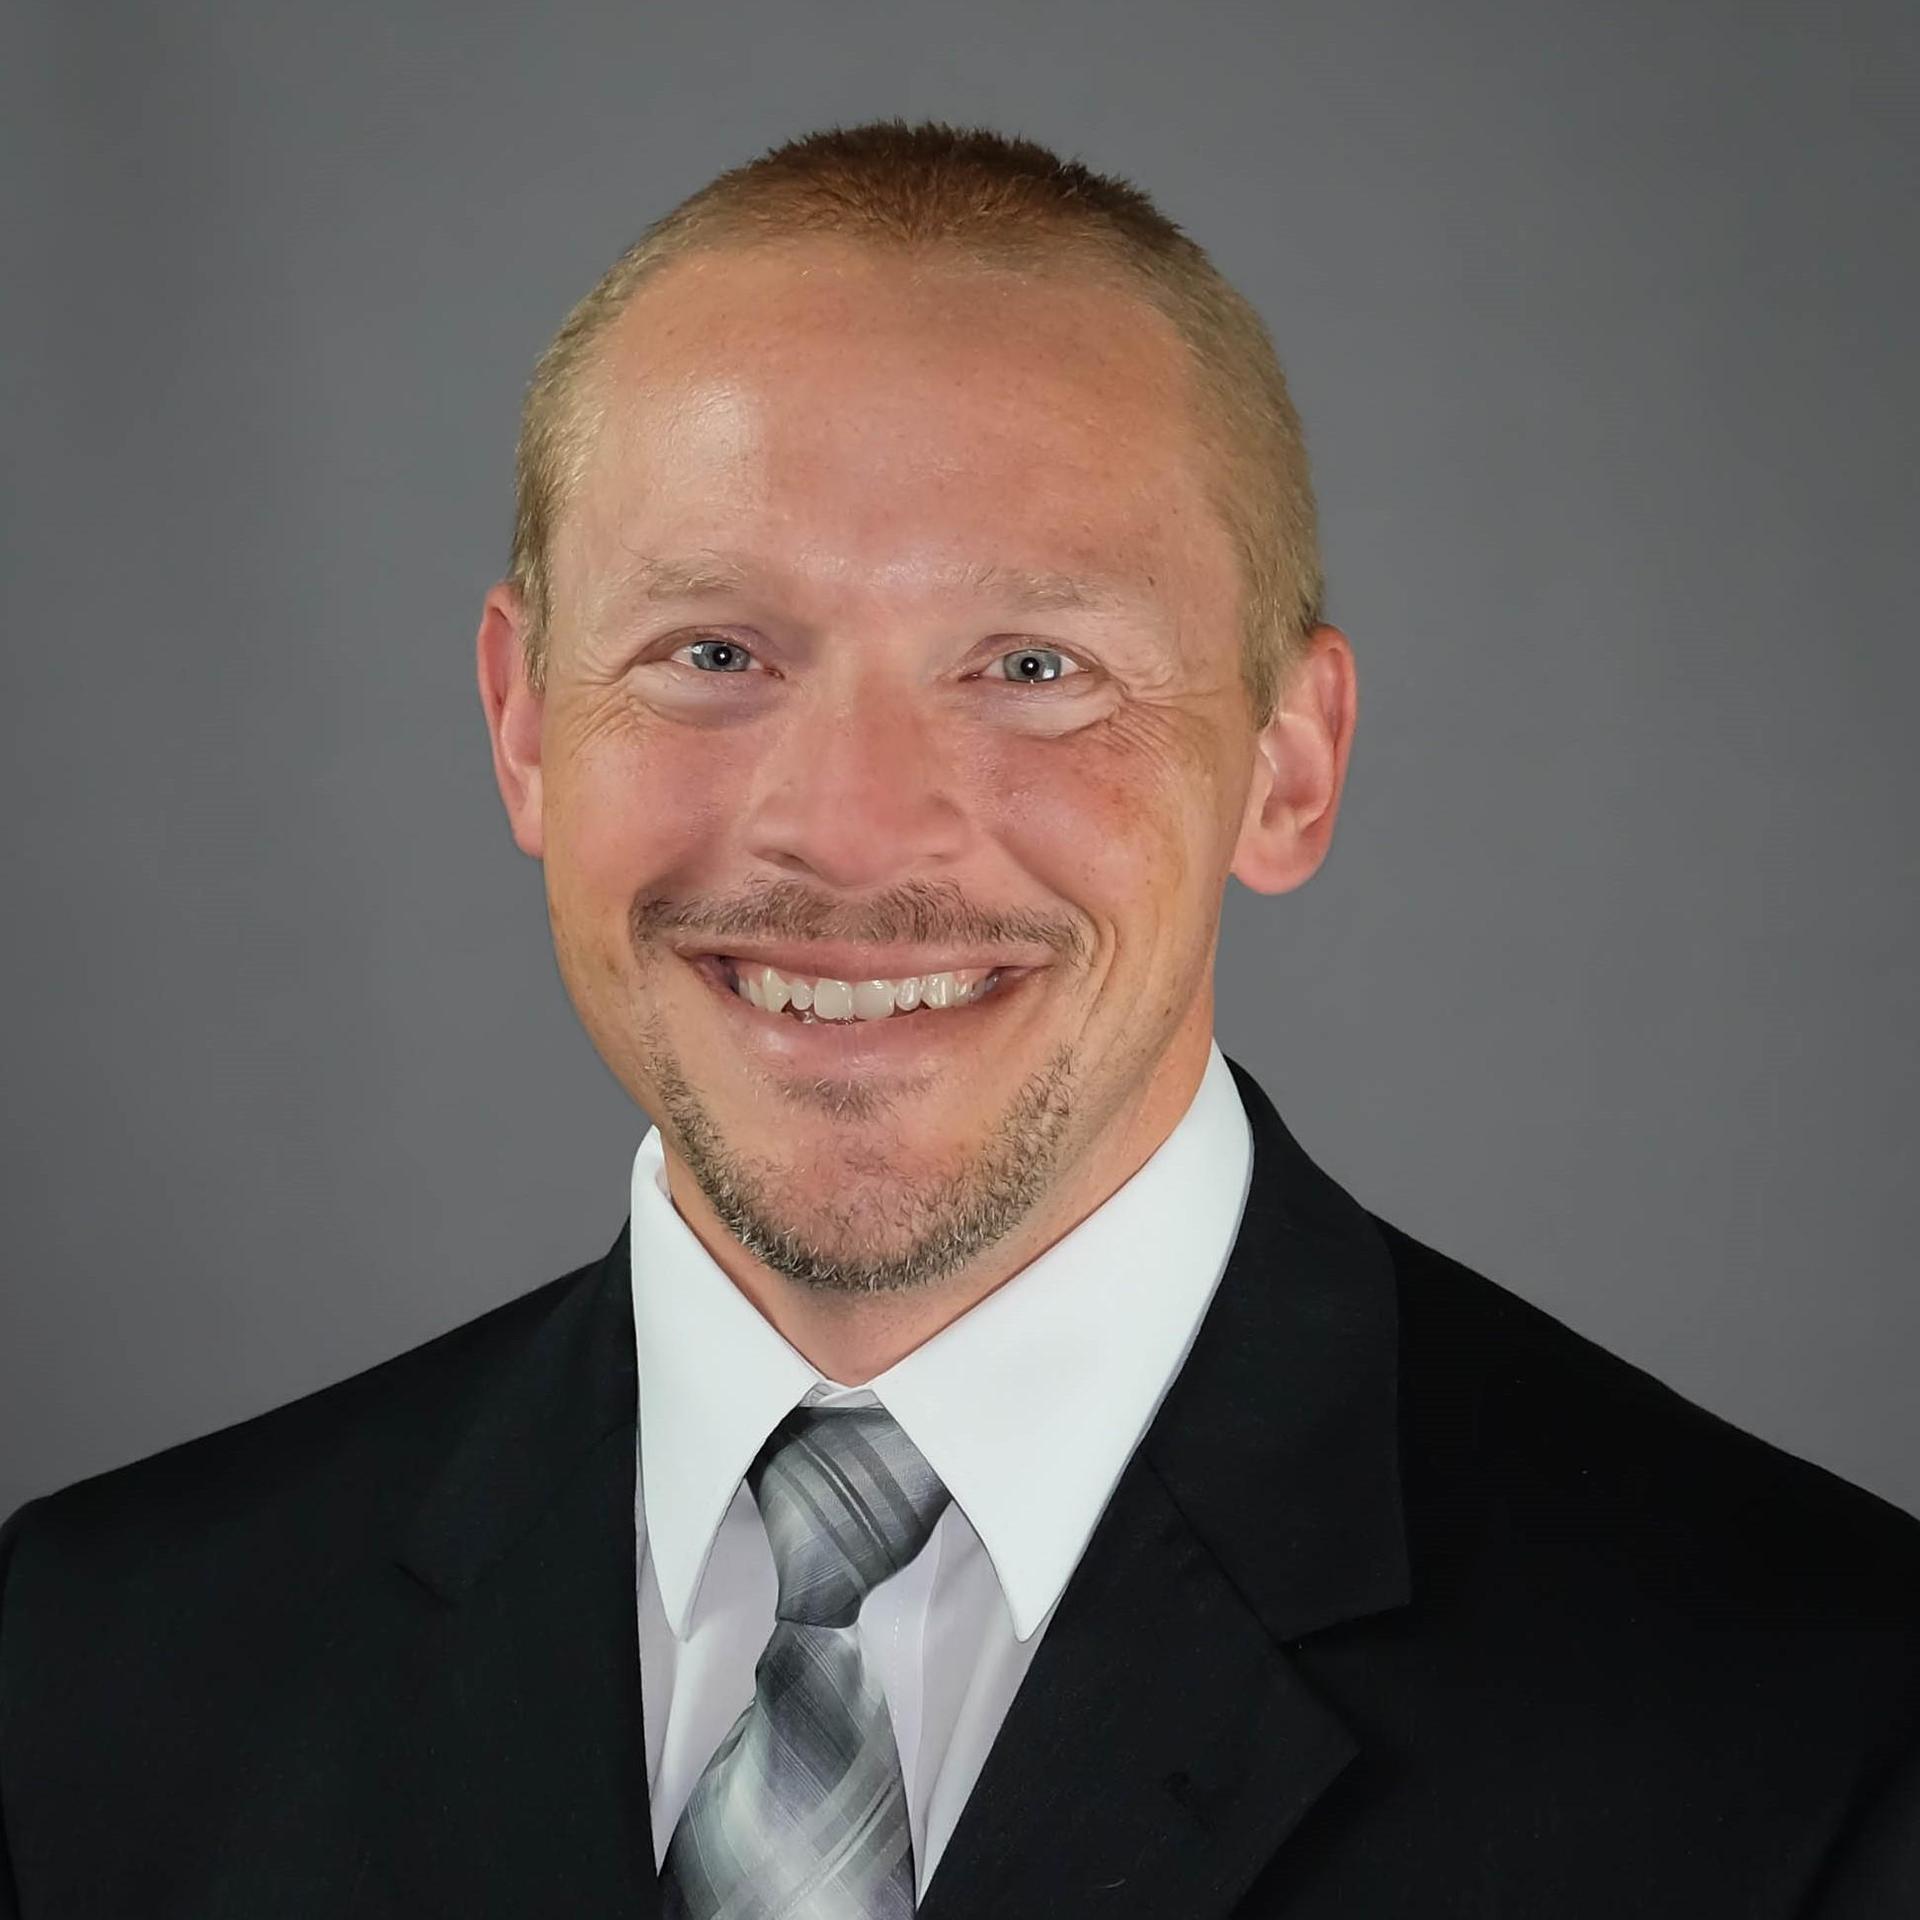 photo of Dr. Shepherd